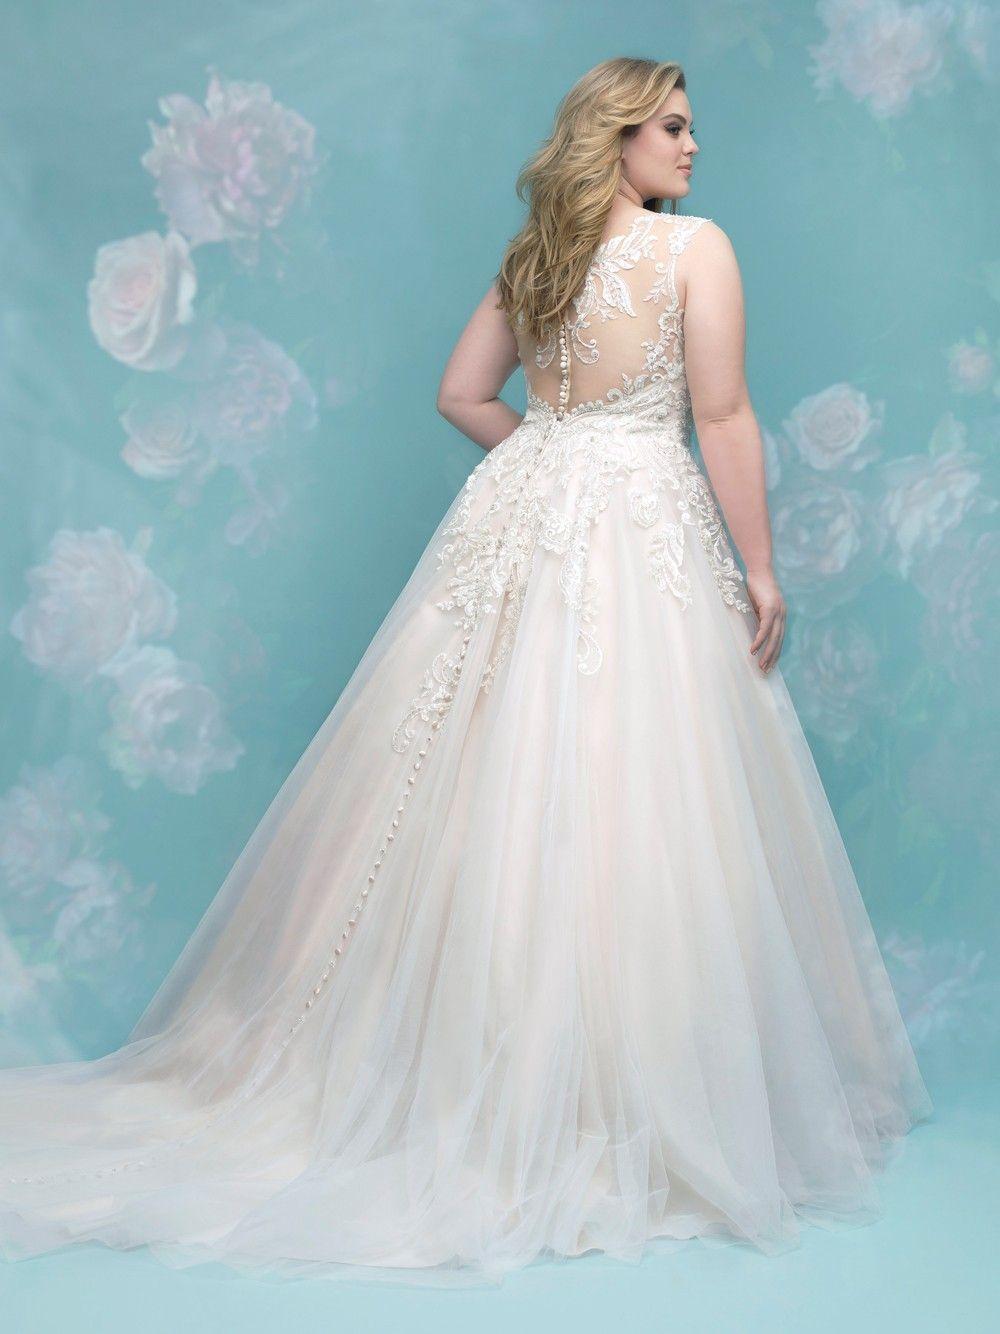 d22d0ade00b06 Allure Bridals W401 Wedding Dress.  weddingdresses  wedding  bride   allurebridals  allure  plussize  weddingdress